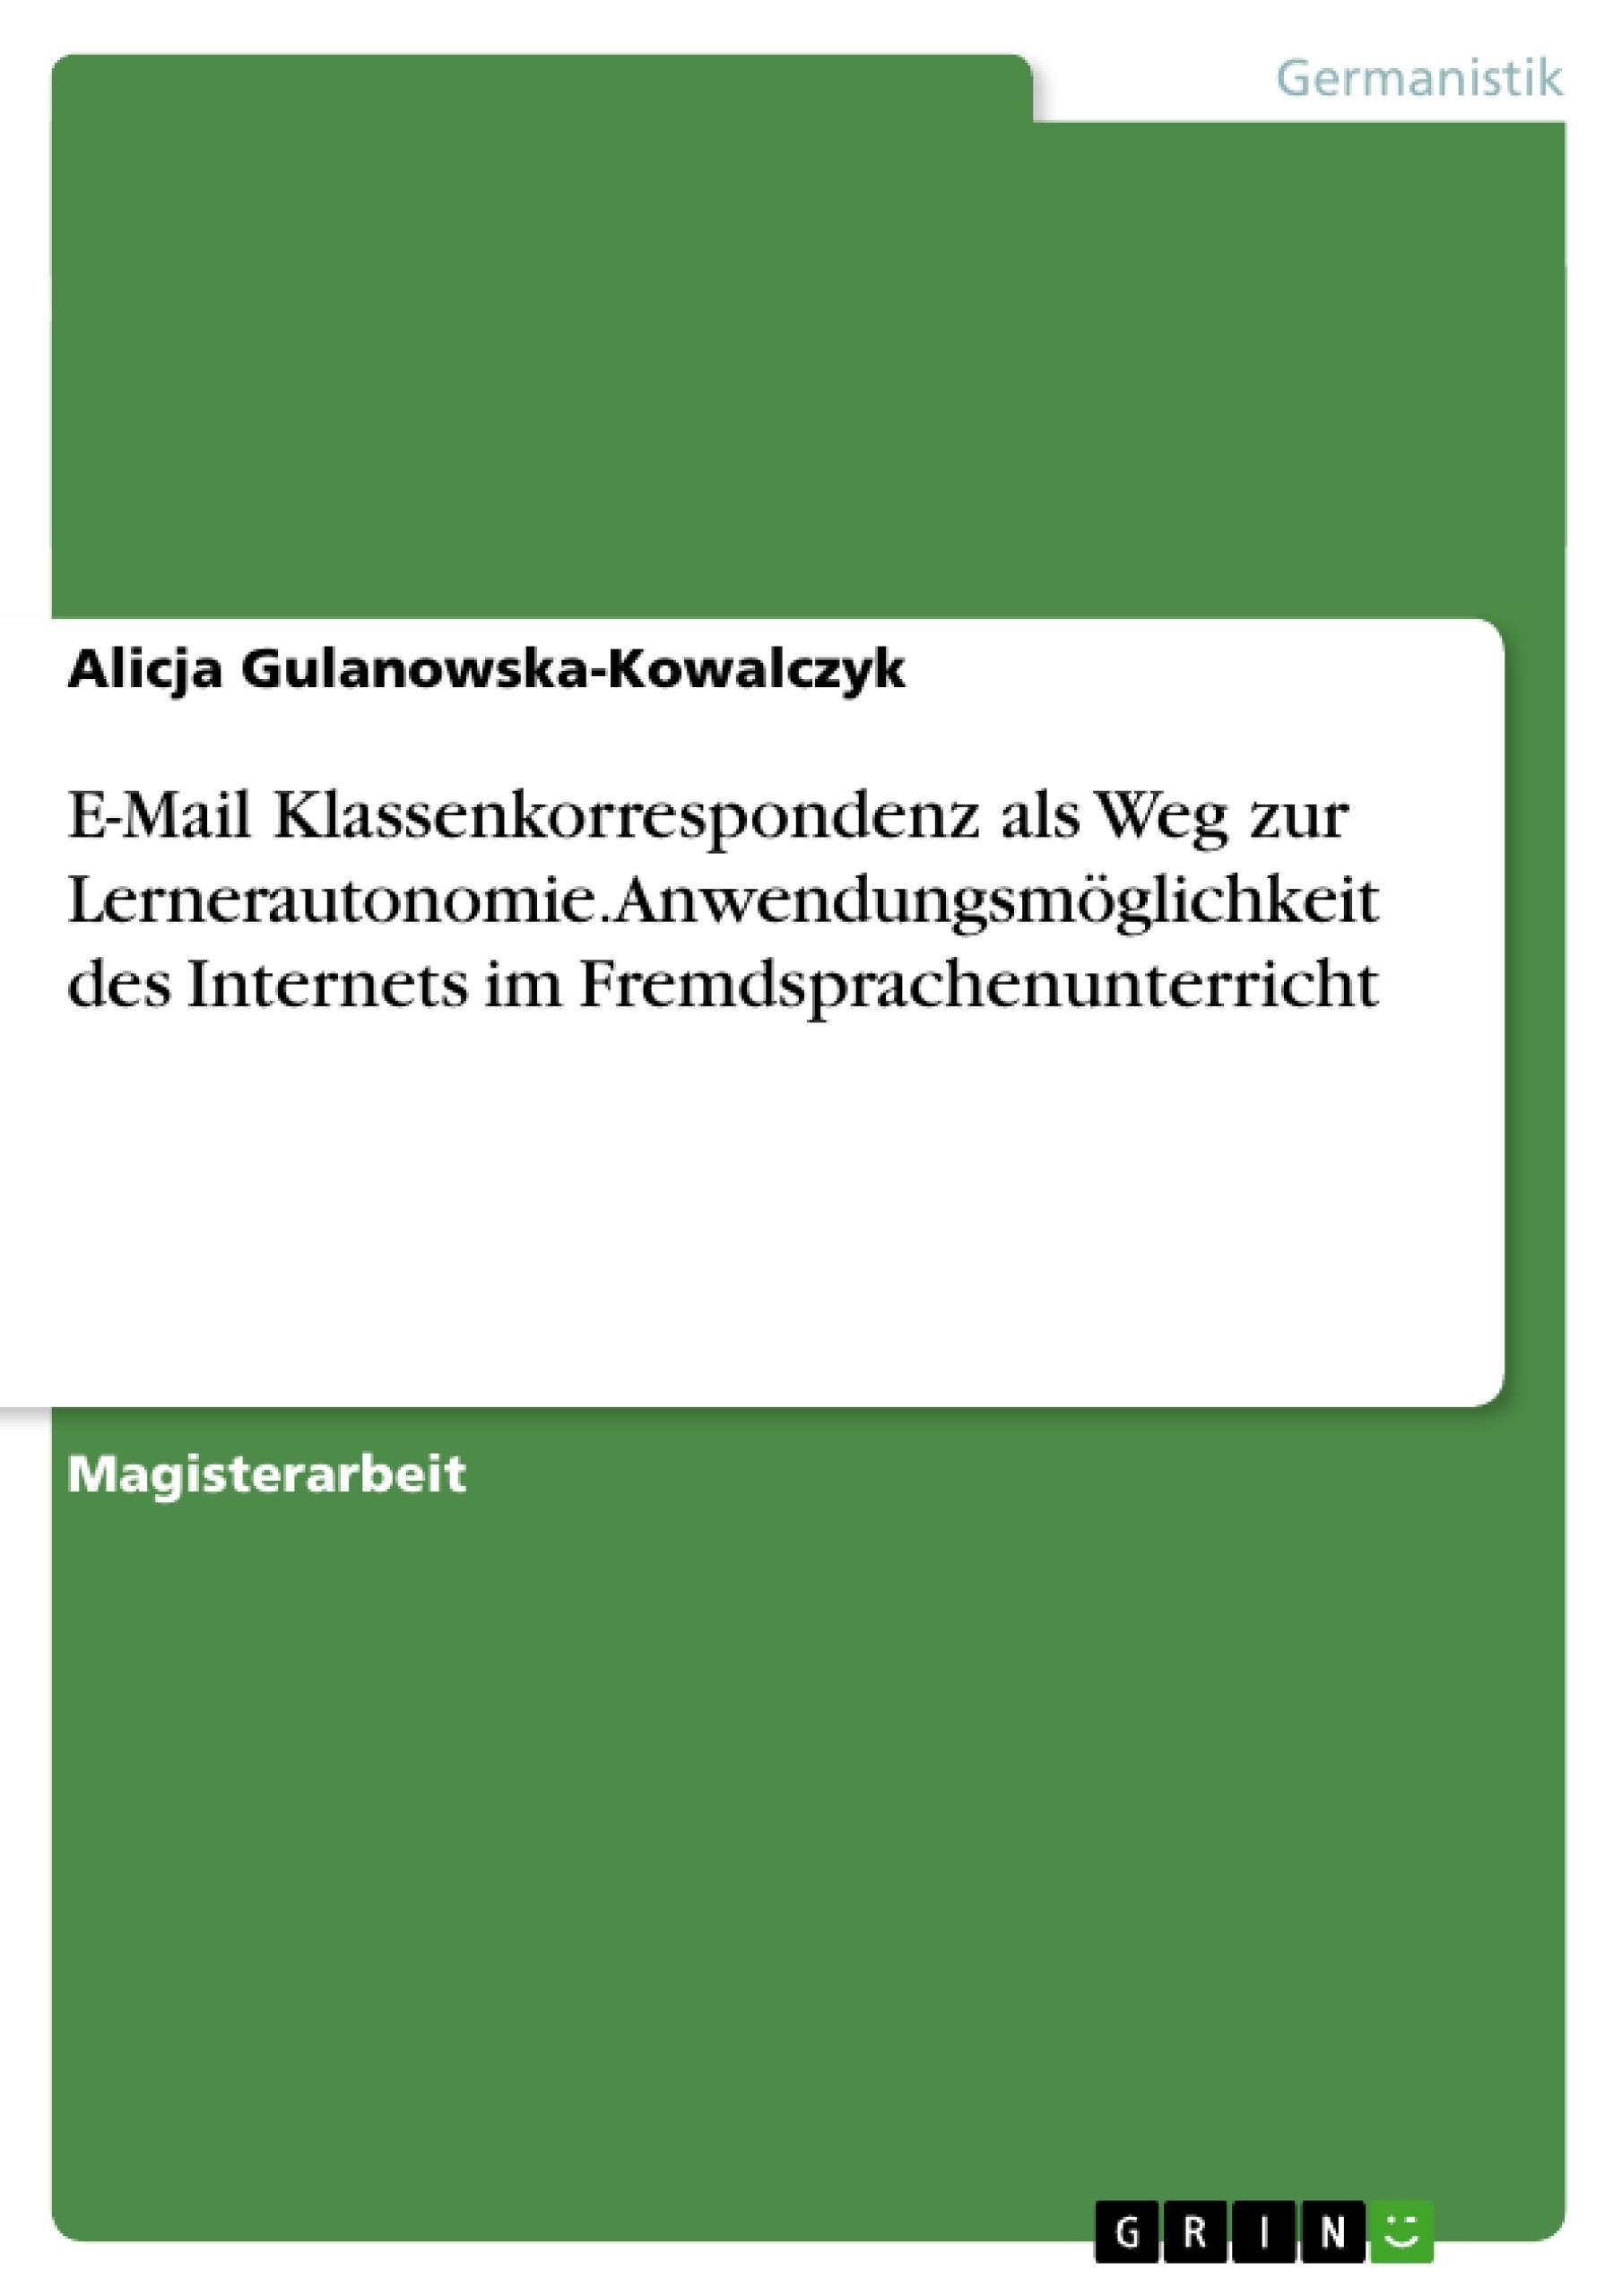 Titel: E-Mail Klassenkorrespondenz als Weg zur Lernerautonomie. Anwendungsmöglichkeit des Internets im Fremdsprachenunterricht